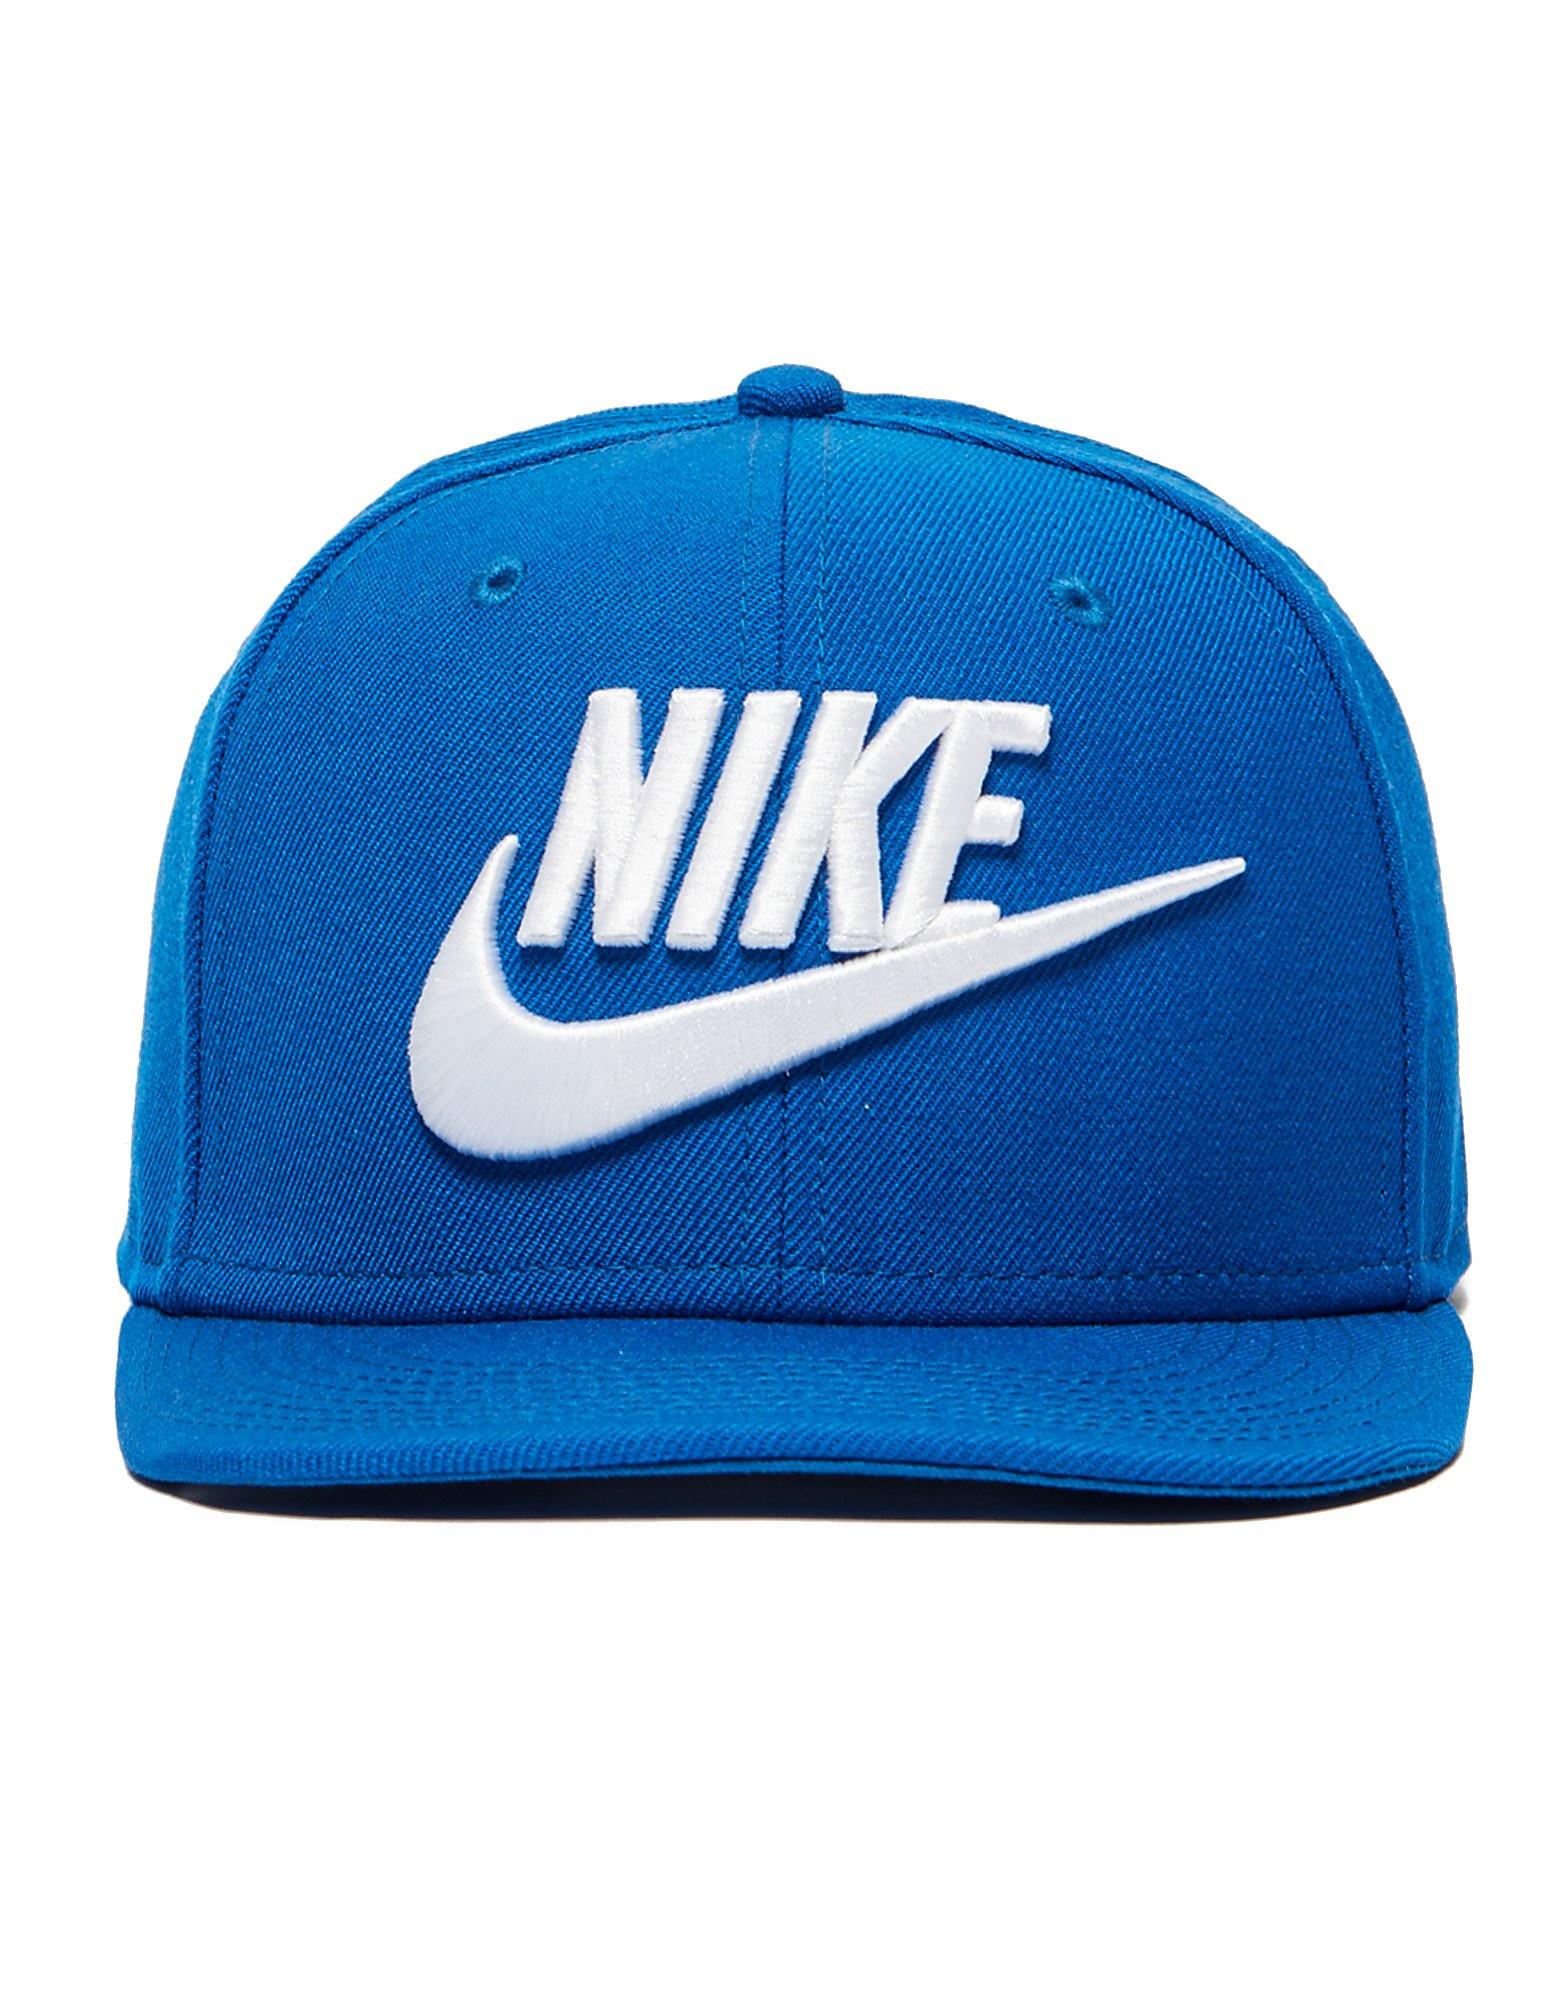 Nike Futura True 2 Snapback Cap Blue